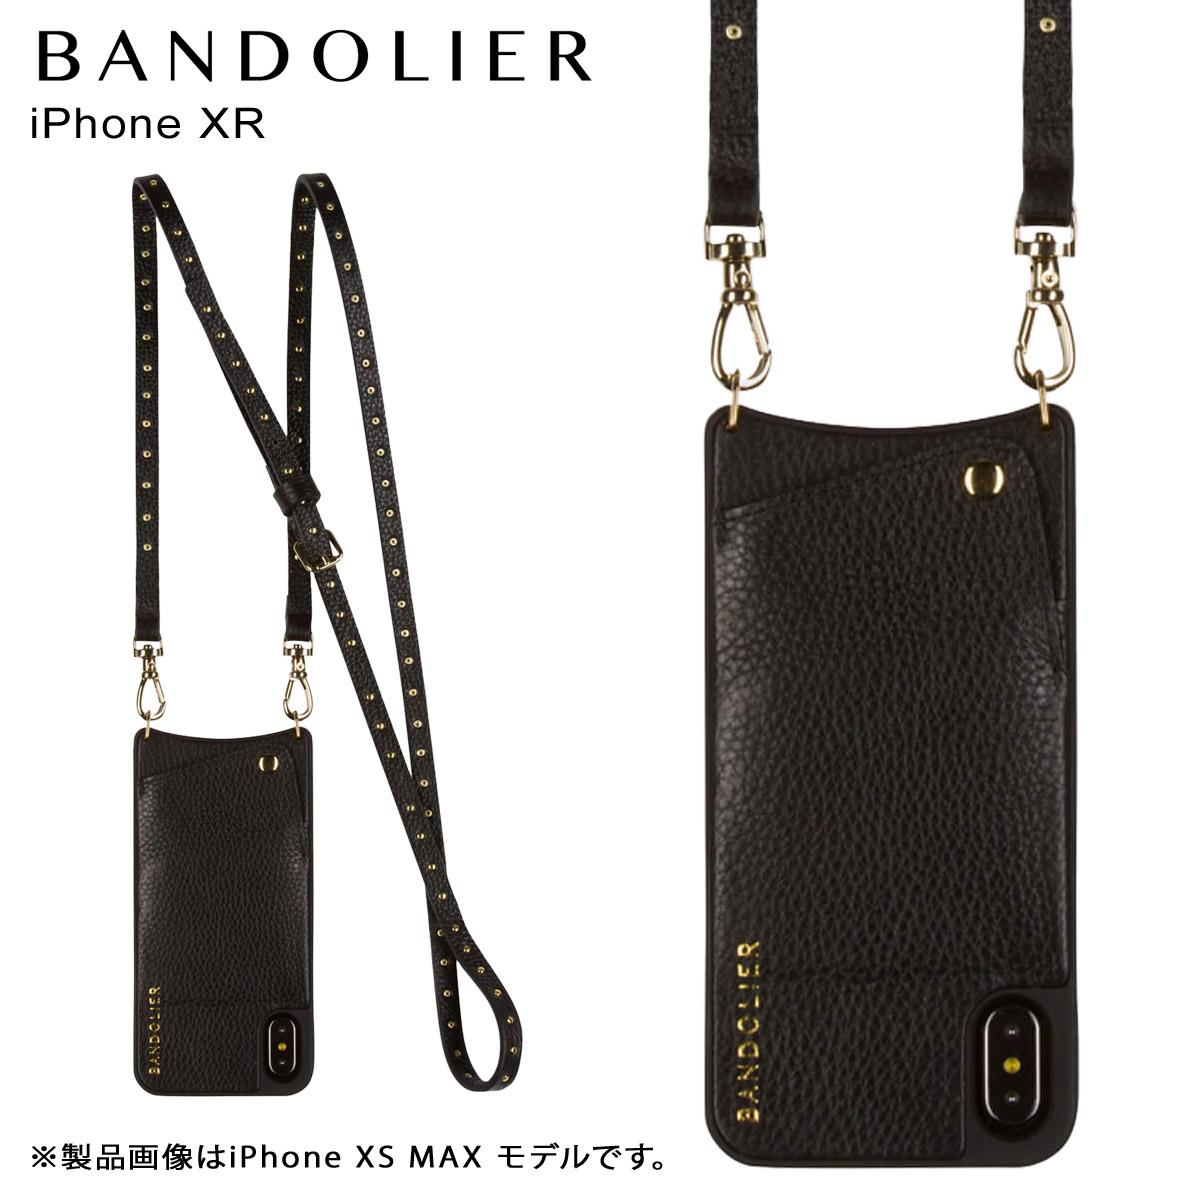 BANDOLIER iPhone XR NICOLE GOLD バンドリヤー ケース ショルダー スマホ アイフォン レザー メンズ レディース ブラック 10NIC1001 [4/18 再入荷]